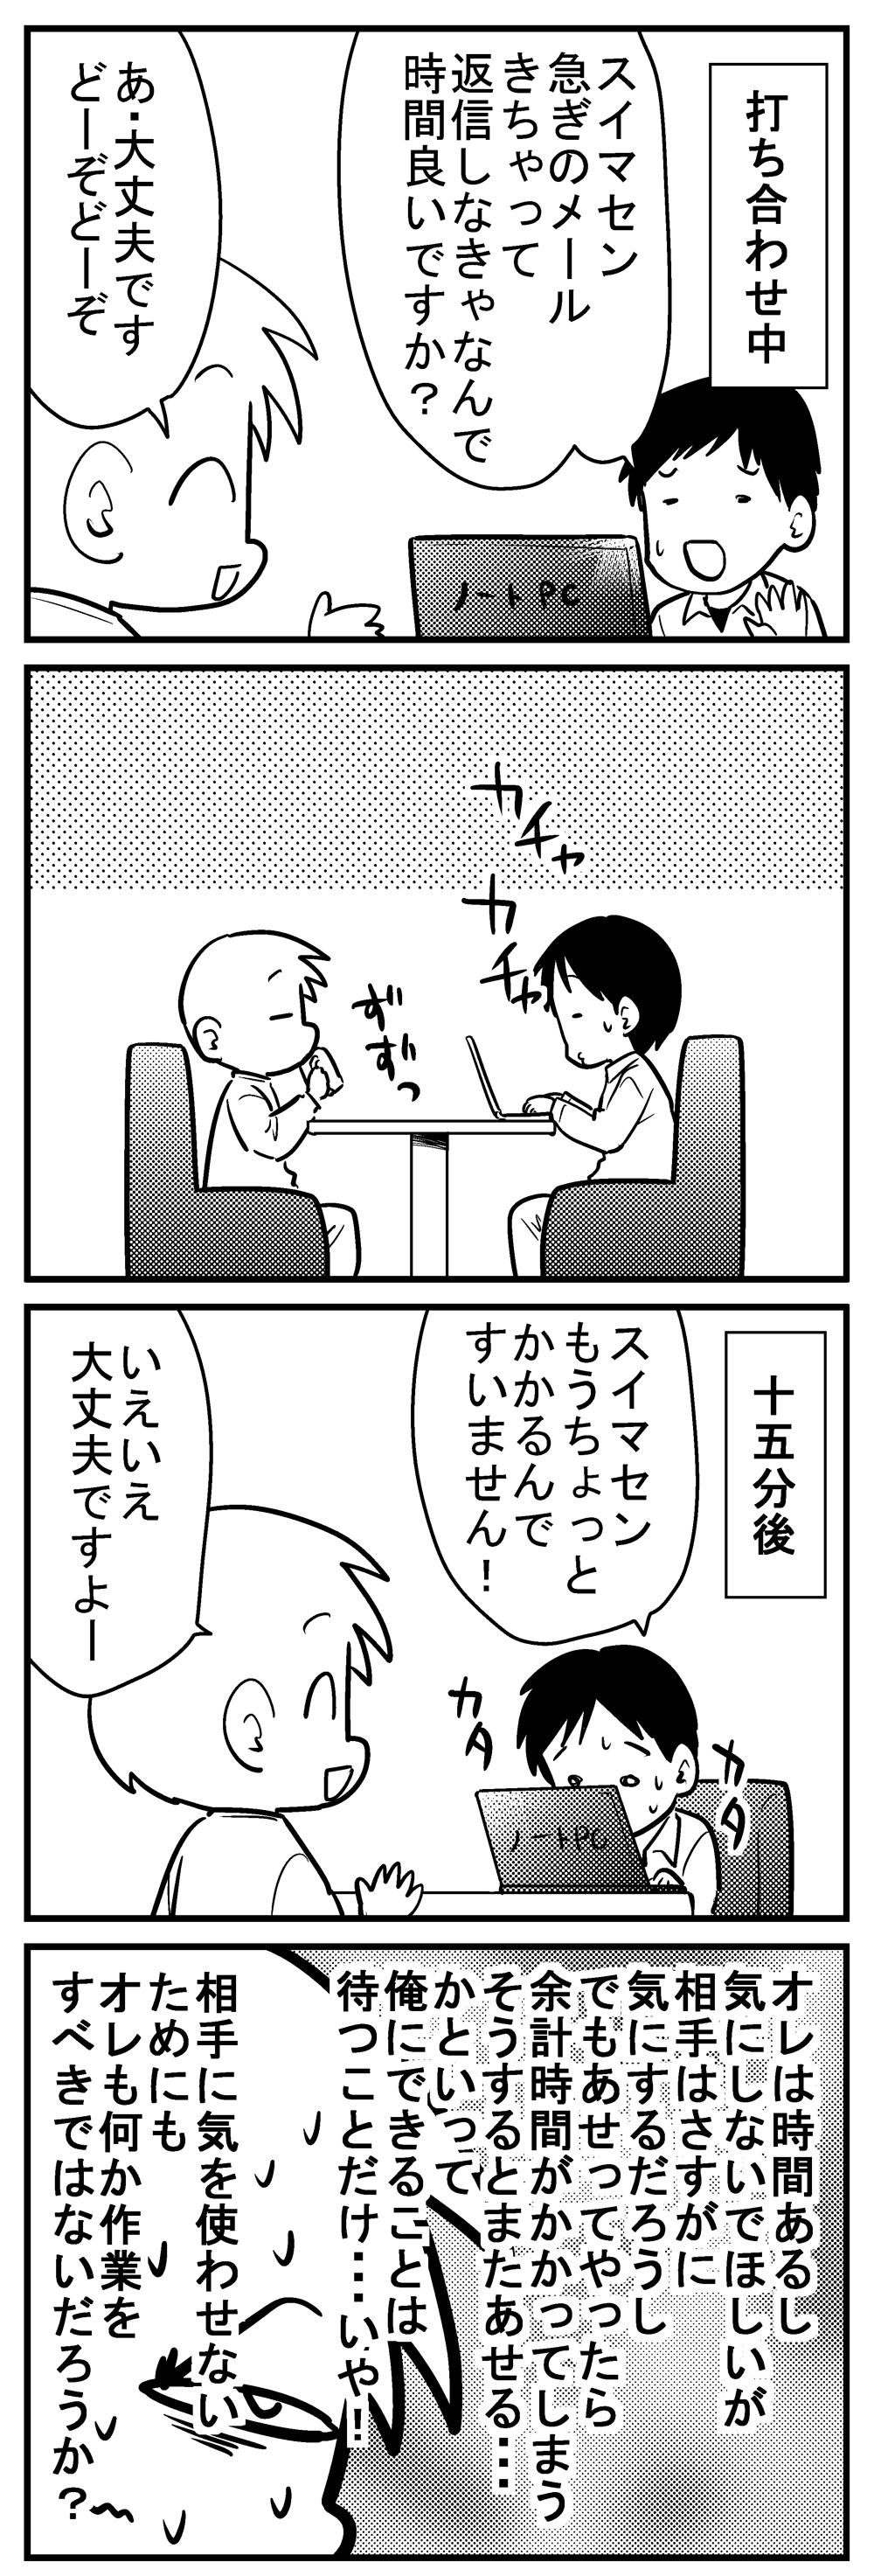 深読みくん97 1